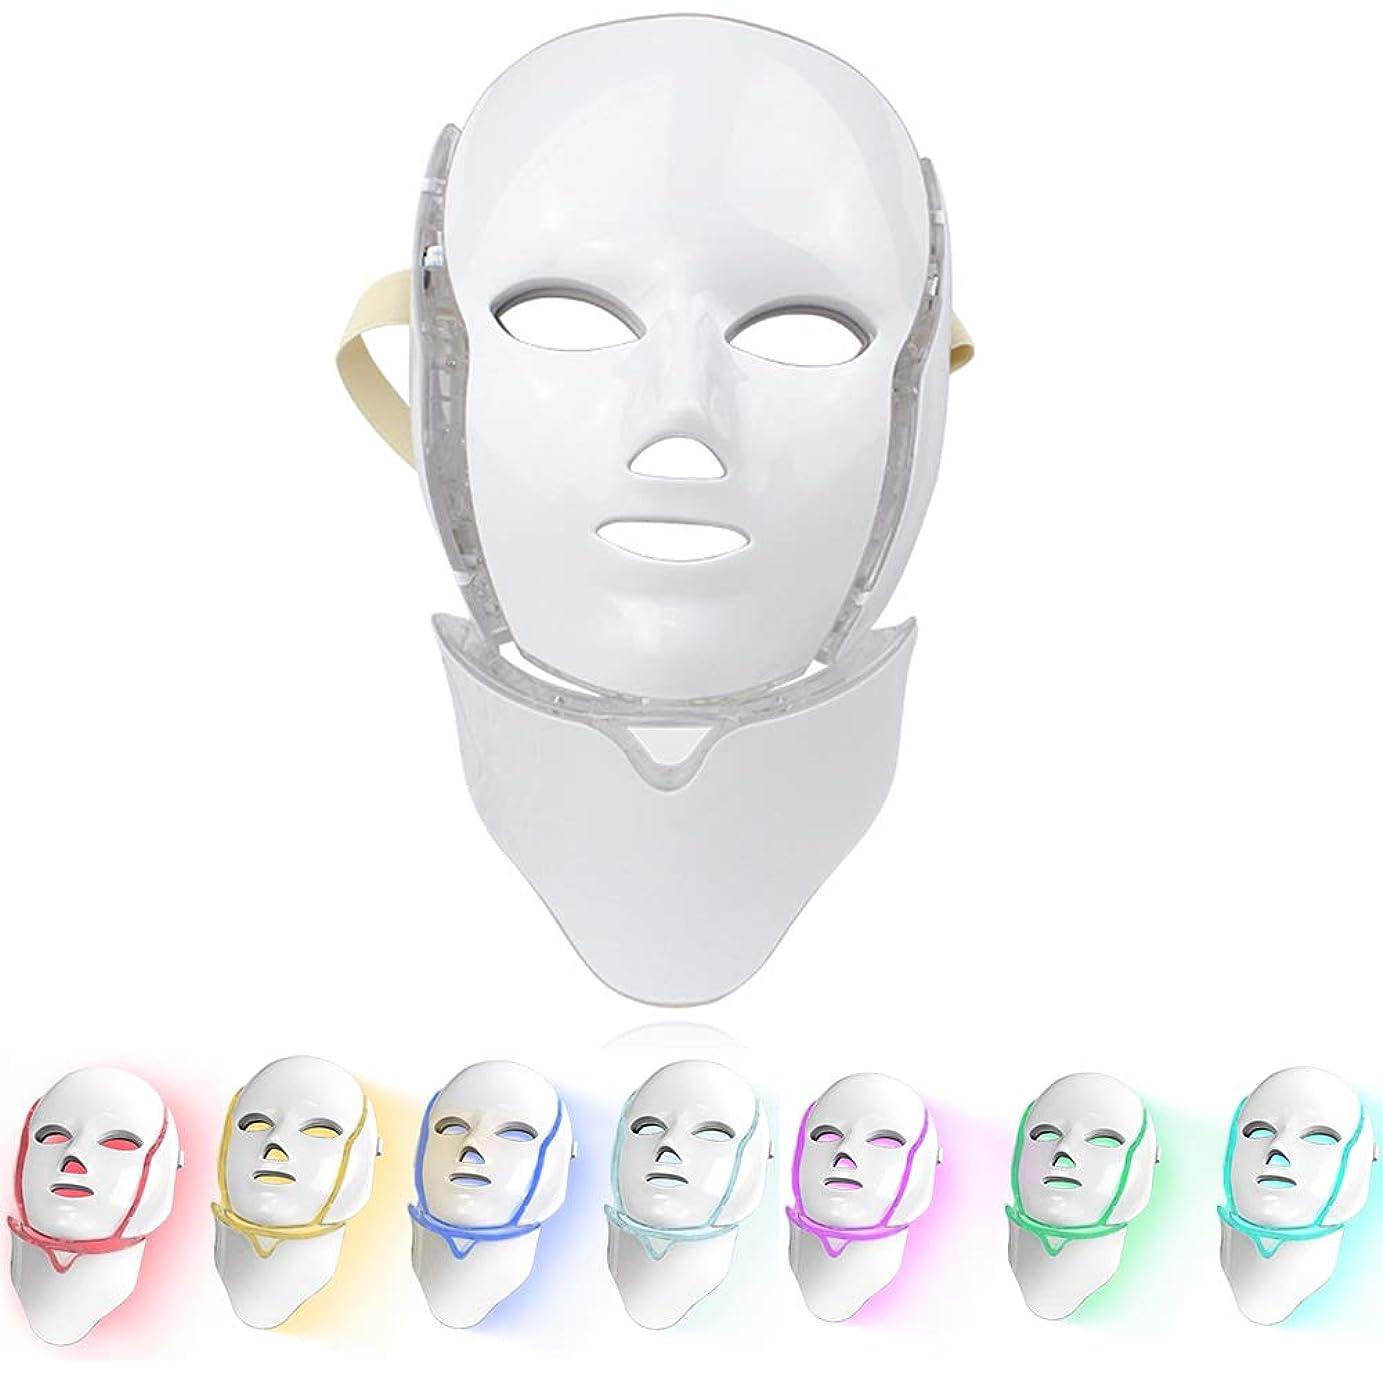 血まみれのラケット逆さまにLED光線療法マスク(ネック付き)7色光線治療スキンケア美容光線療法アンチエイジングアクネリンクルマスク